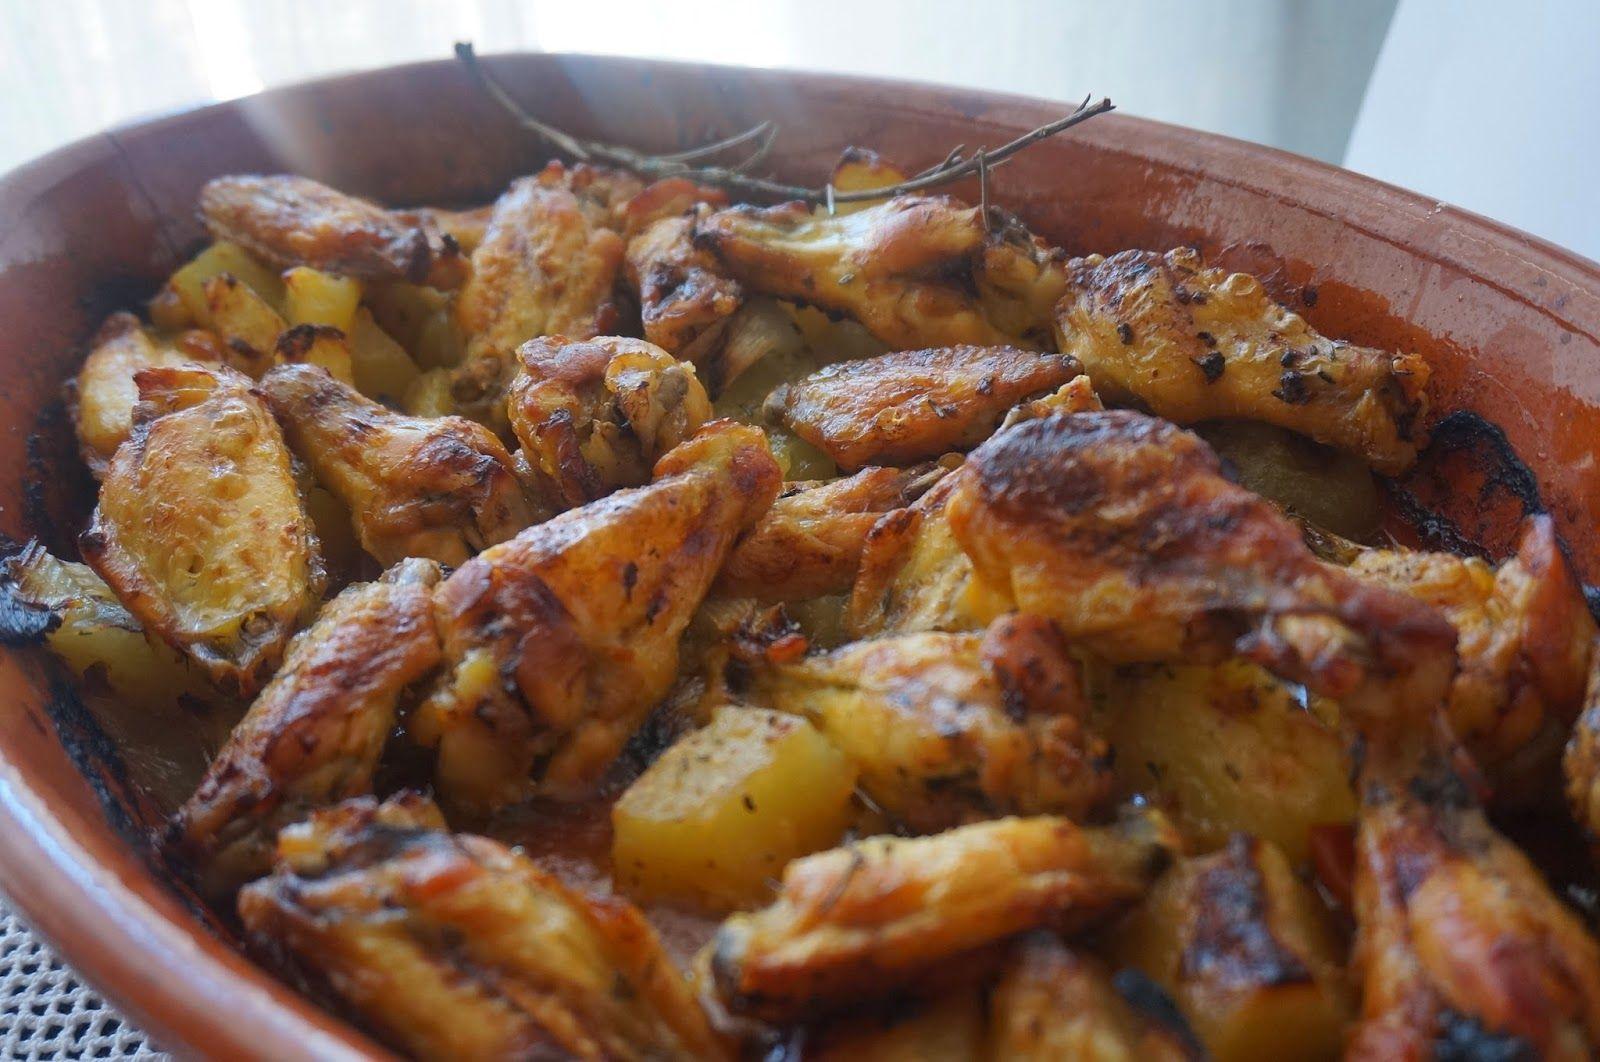 Esta Semana Vengo Con Otra Receta Que Seguro Que Os Va A Gustar Es Sencilla Rápida Y Económica Unas Alitas De Alitas De Pollo Al Horno Alitas De Pollo Pollo